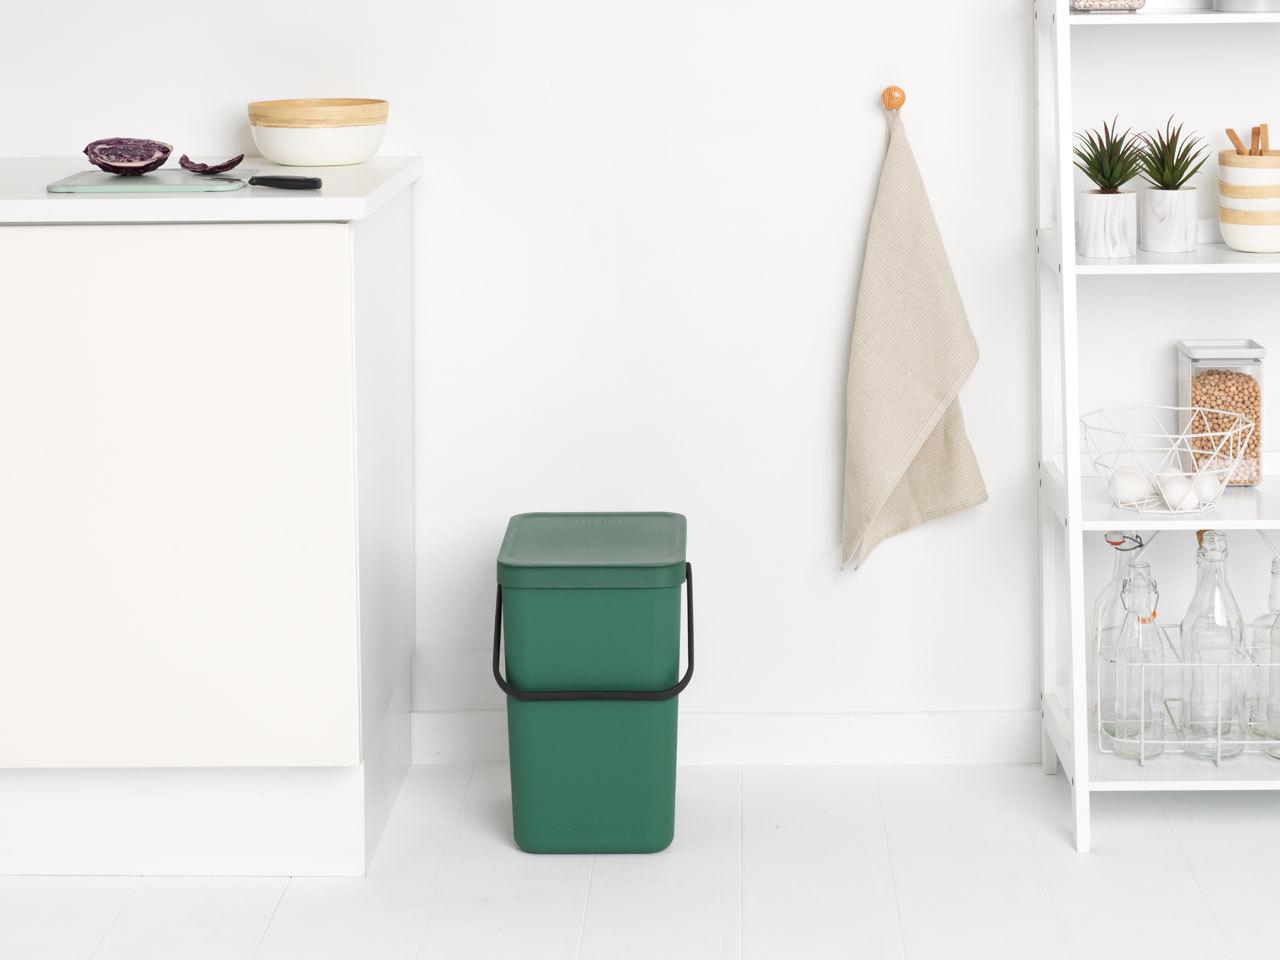 Встраиваемое мусорное ведро Sort & Go (25 л), Темно-зеленый, арт. 129964 - фото 1